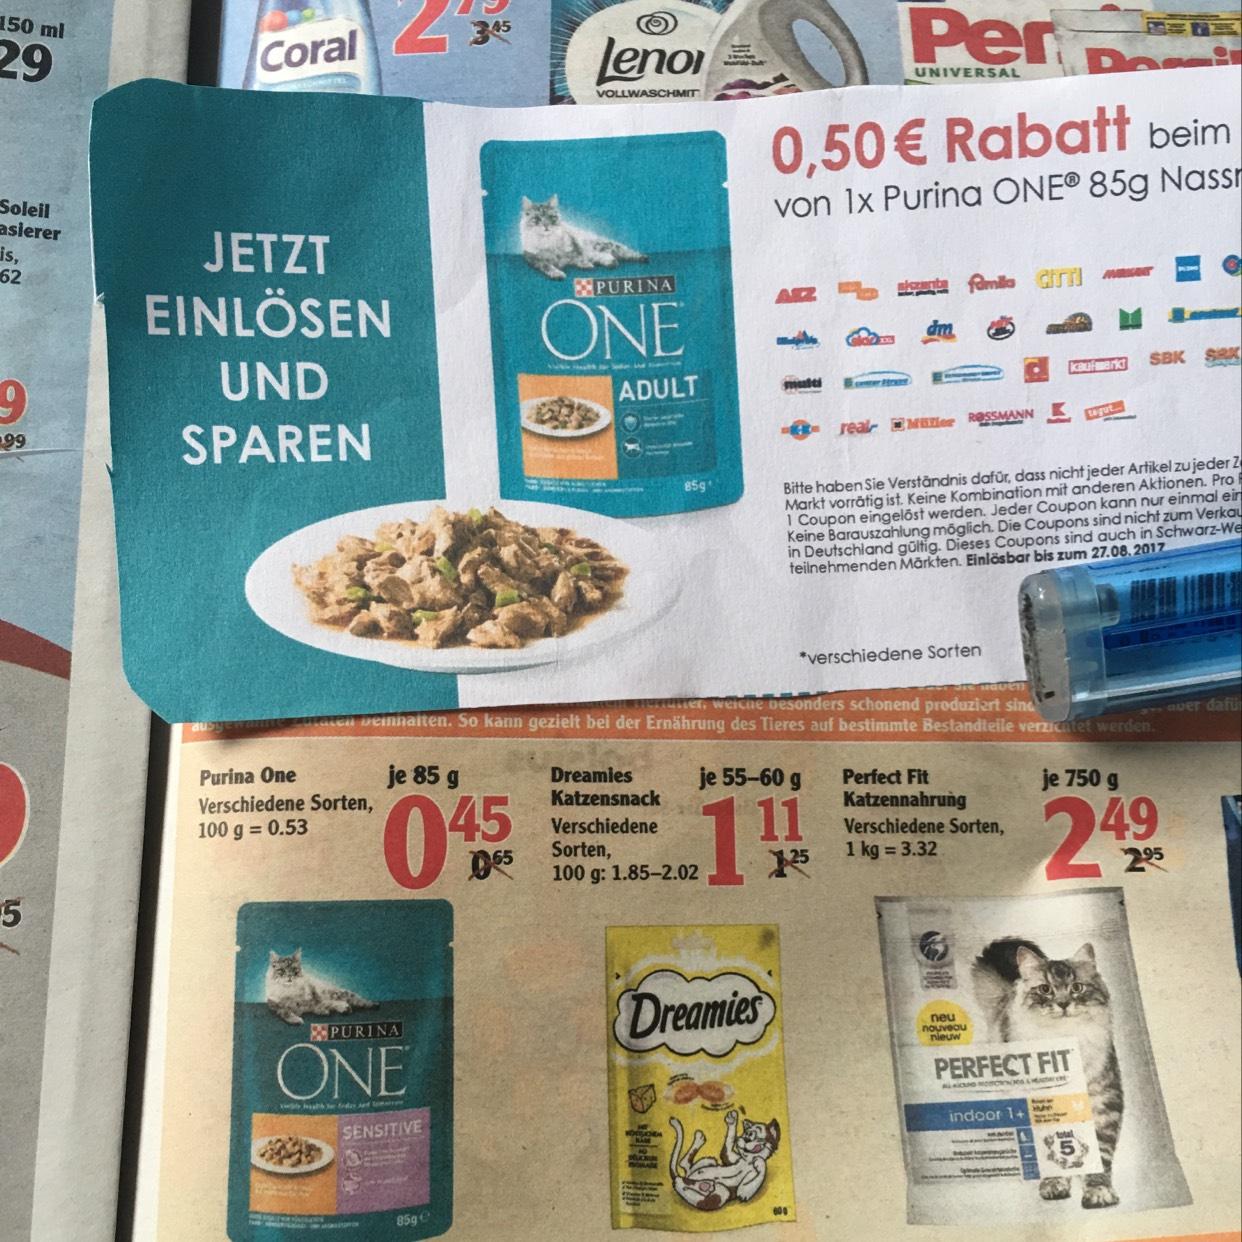 Nullkauf bei Purina 85g Päckchen